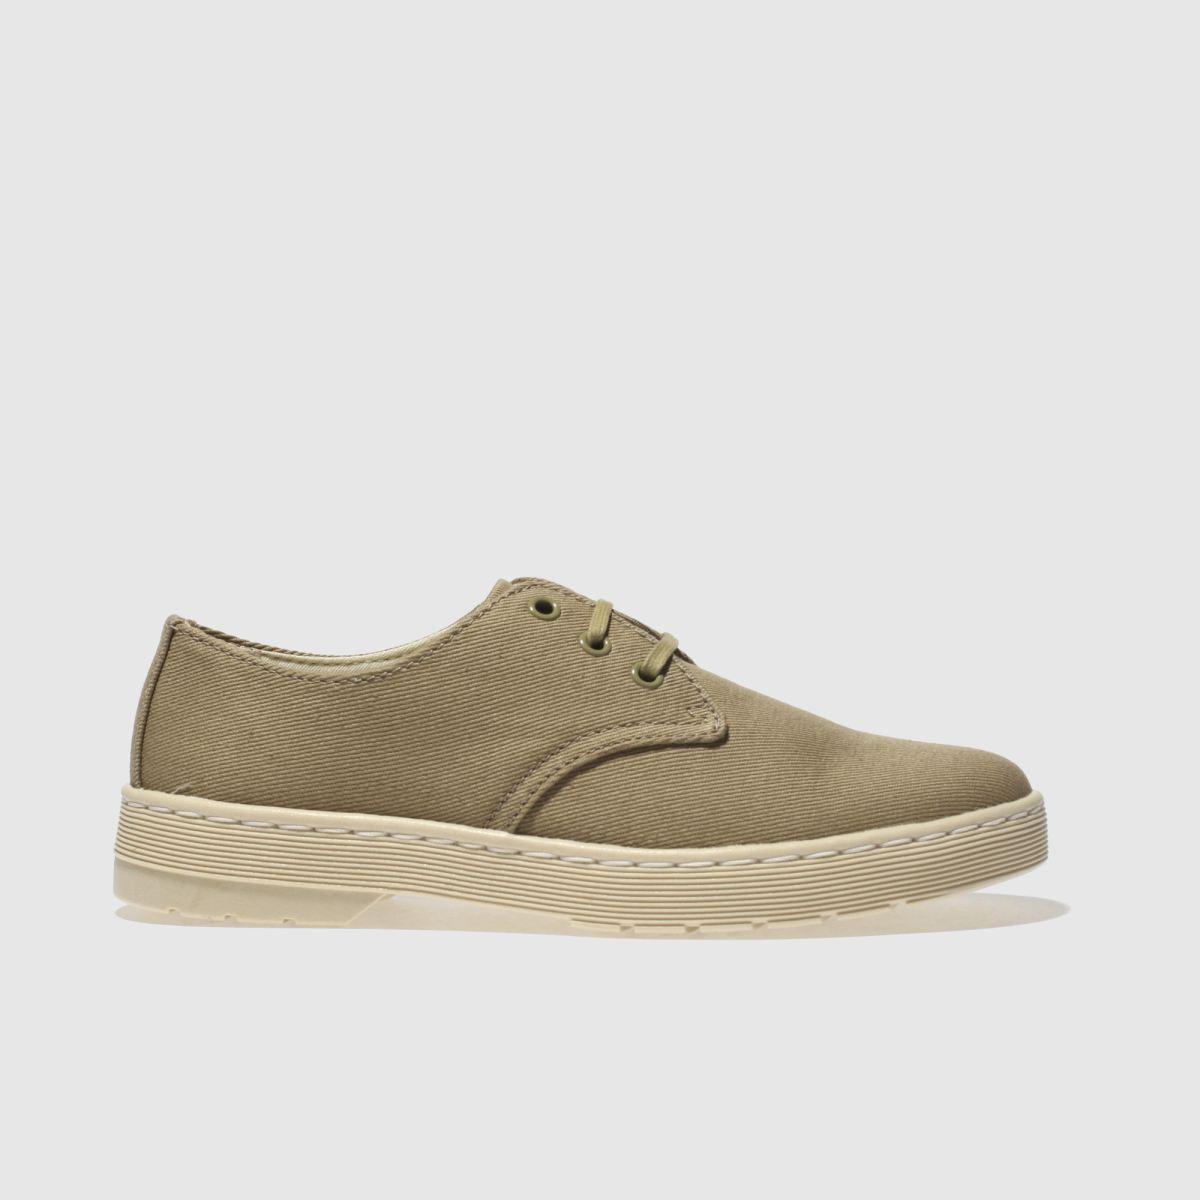 Dr Martens Khaki Delray Shoes